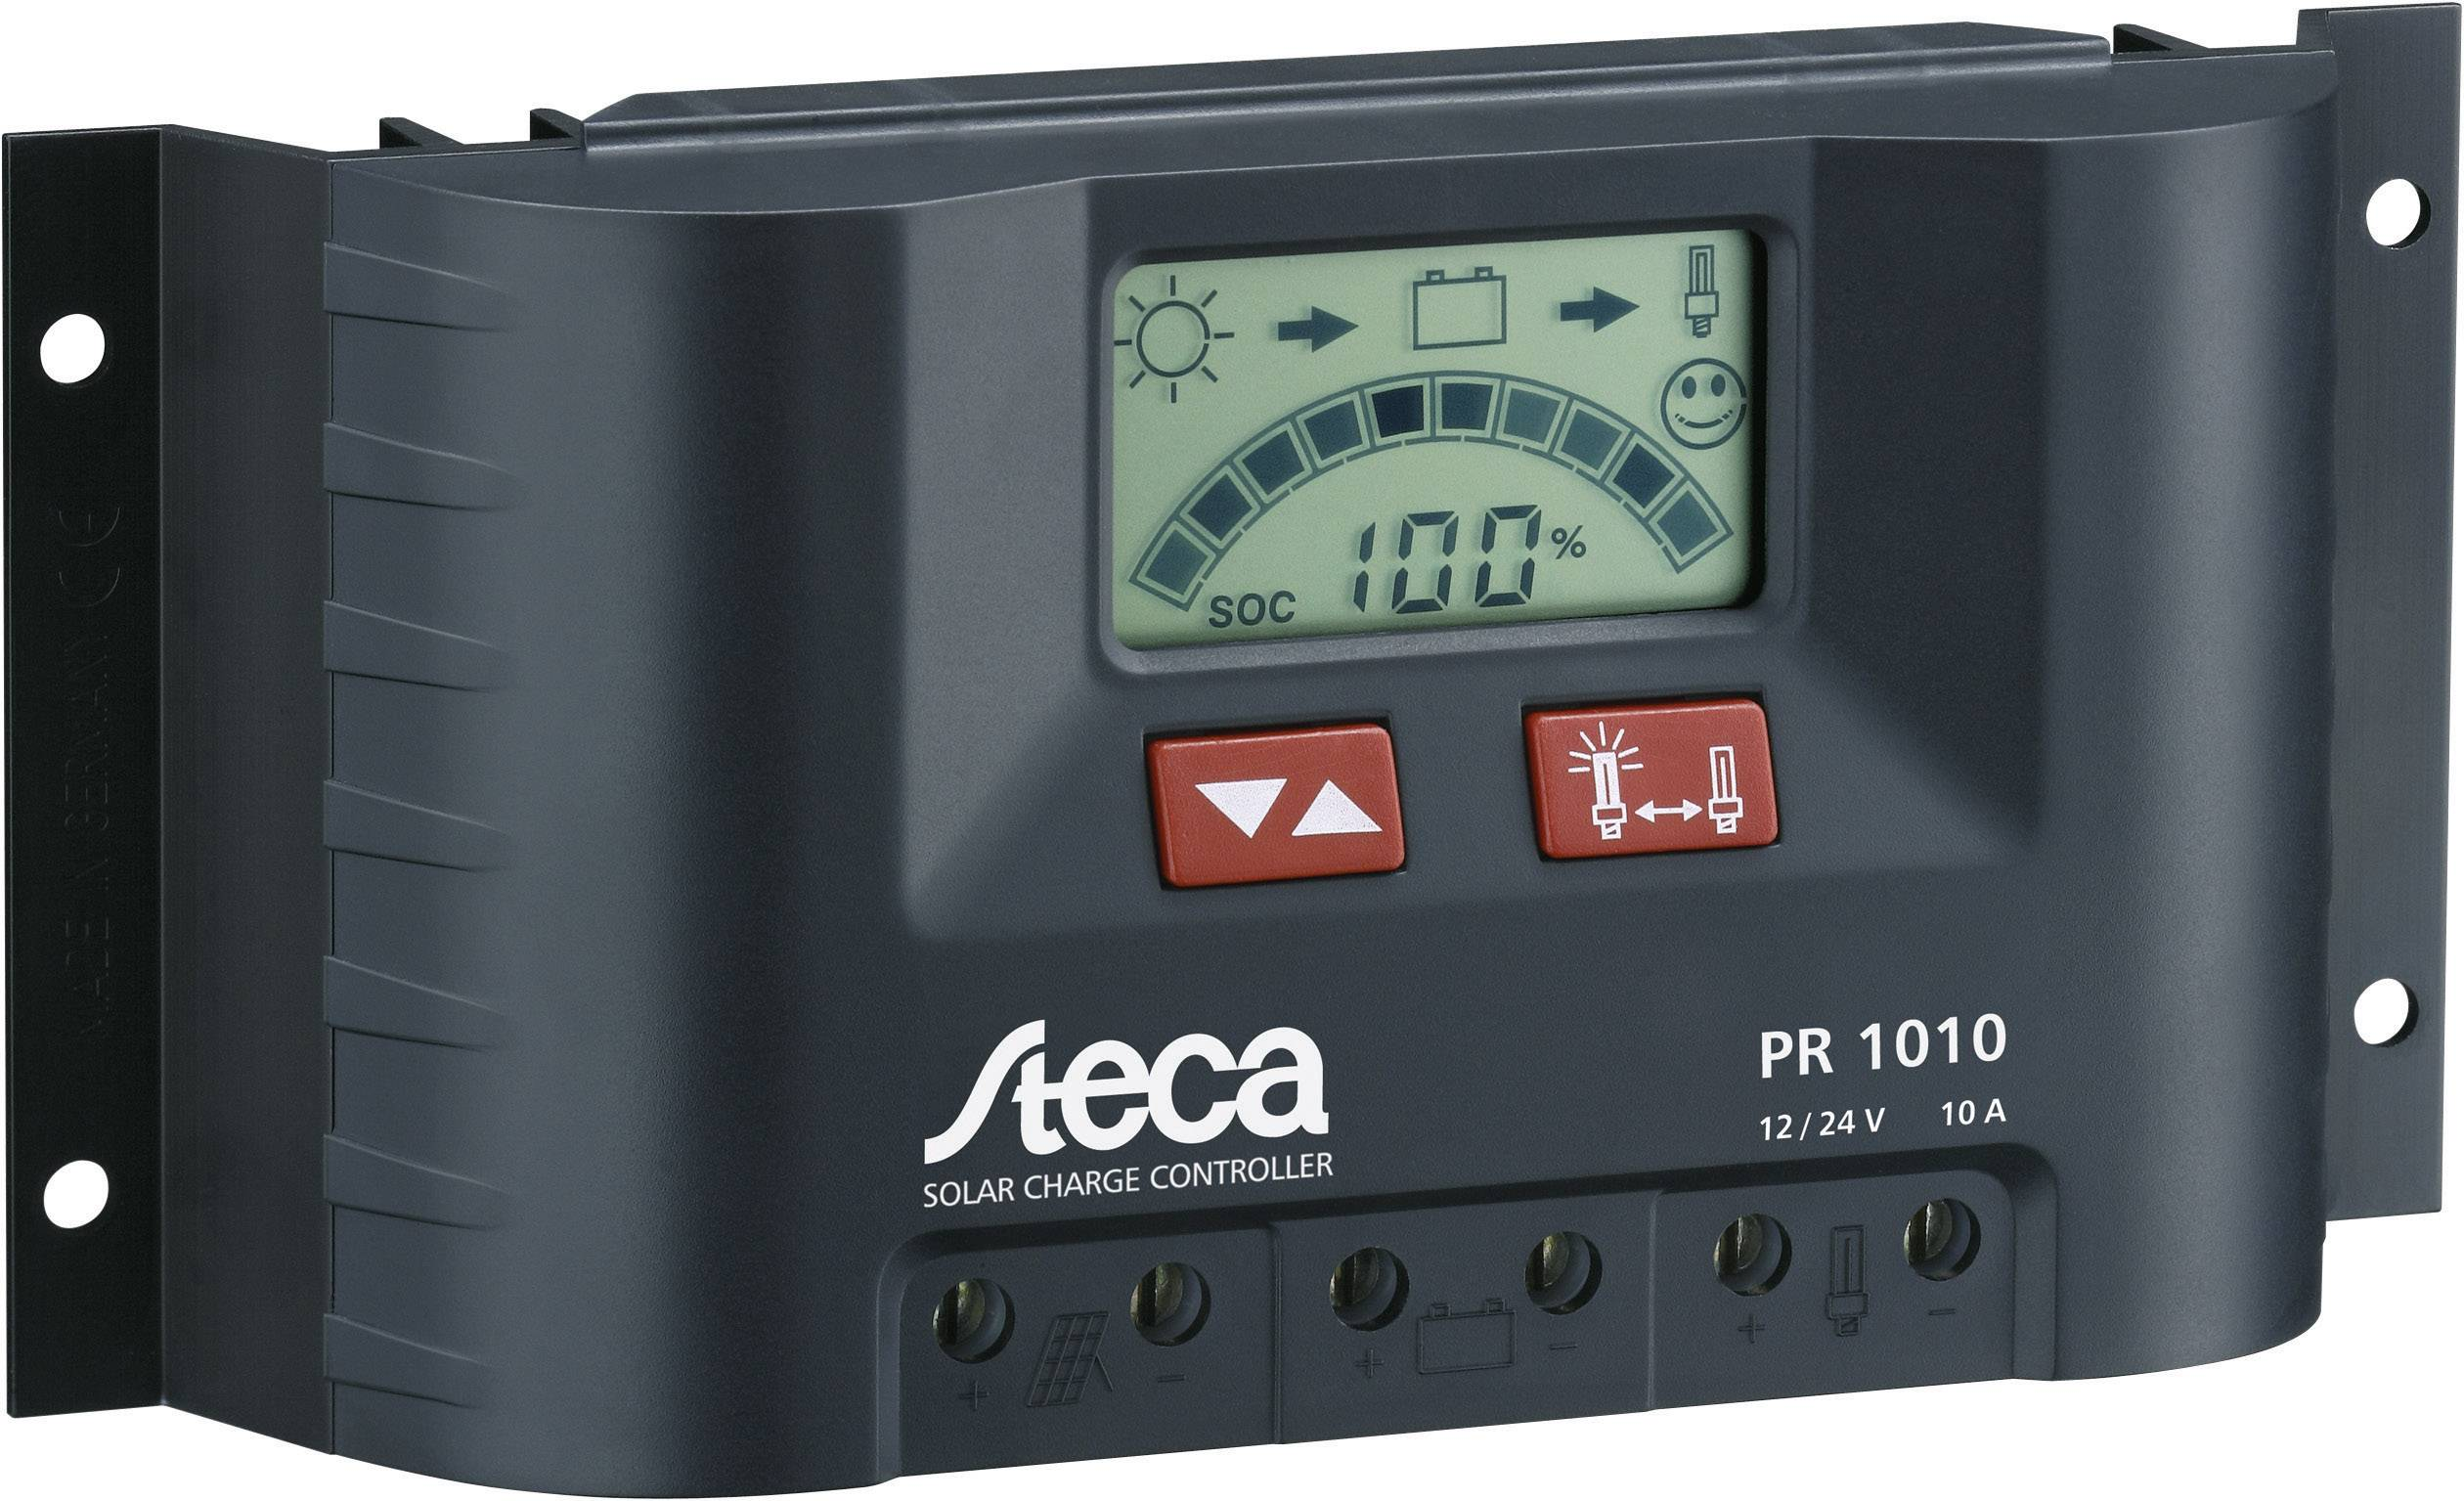 Solární regulátor nabíjení Steca PR 1010 104514, 10 A, 12 V, 24 V